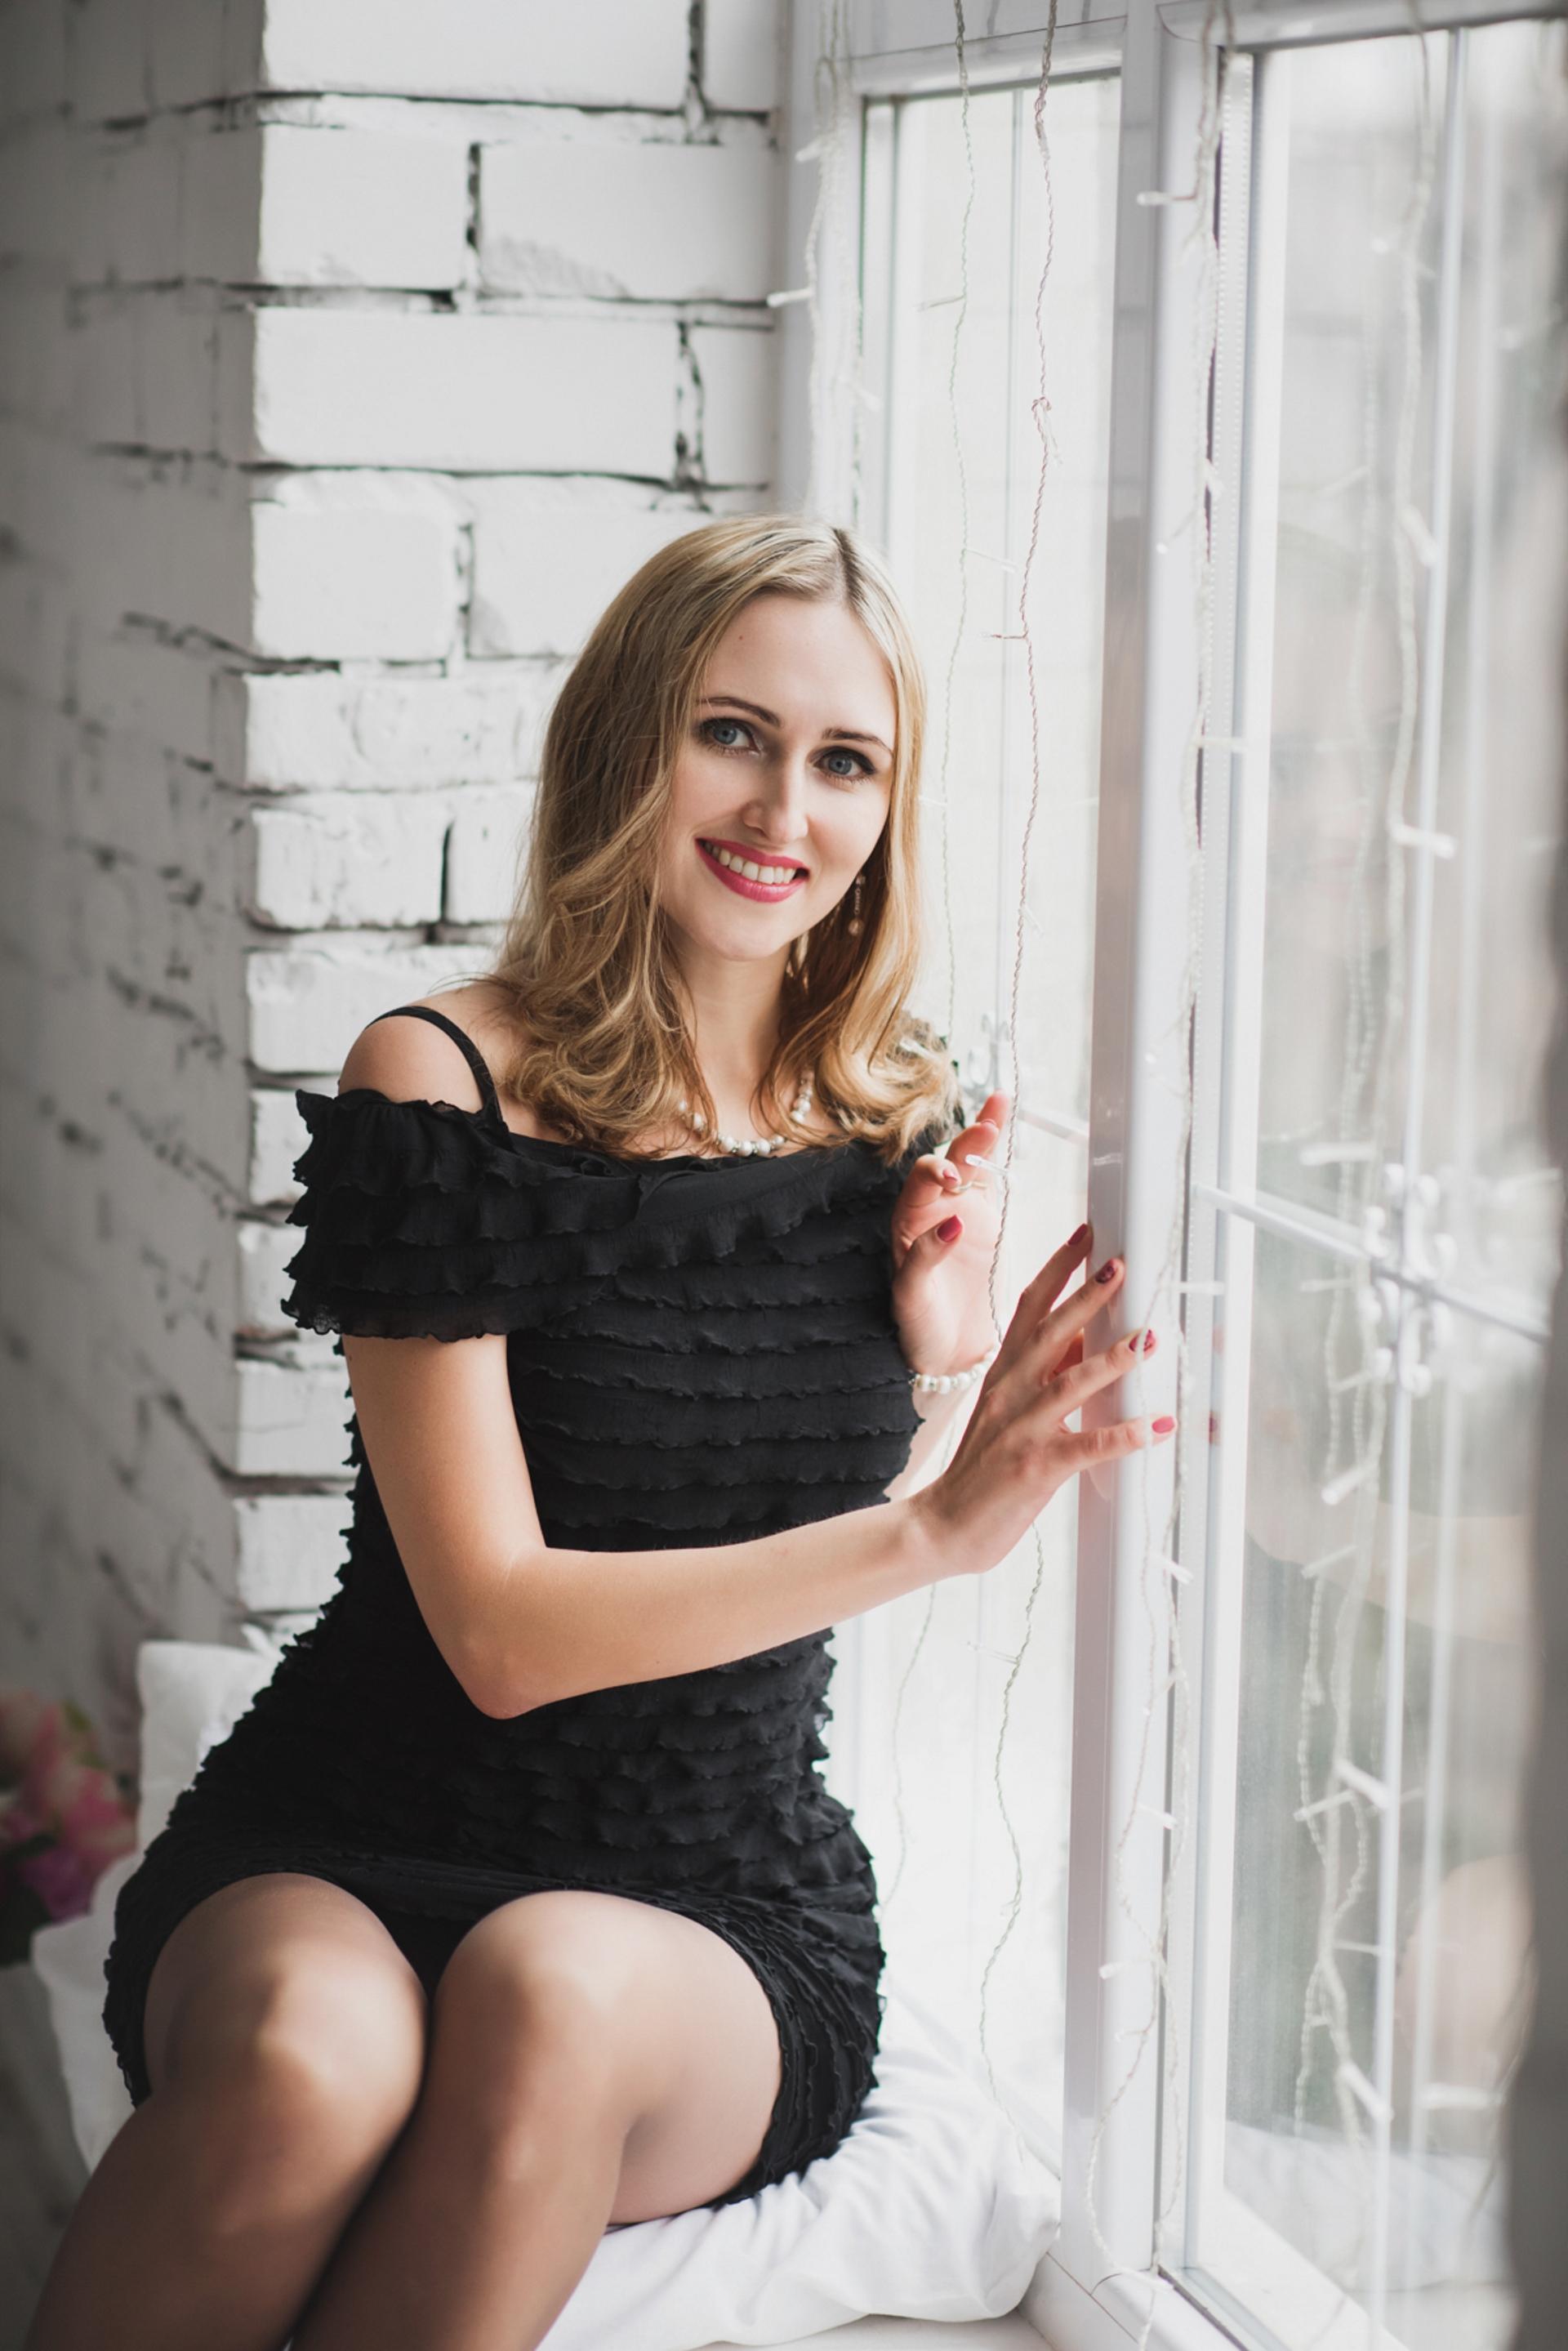 Anastasia, Im 33, from ucraina-rivne - Marriage Agency Futura